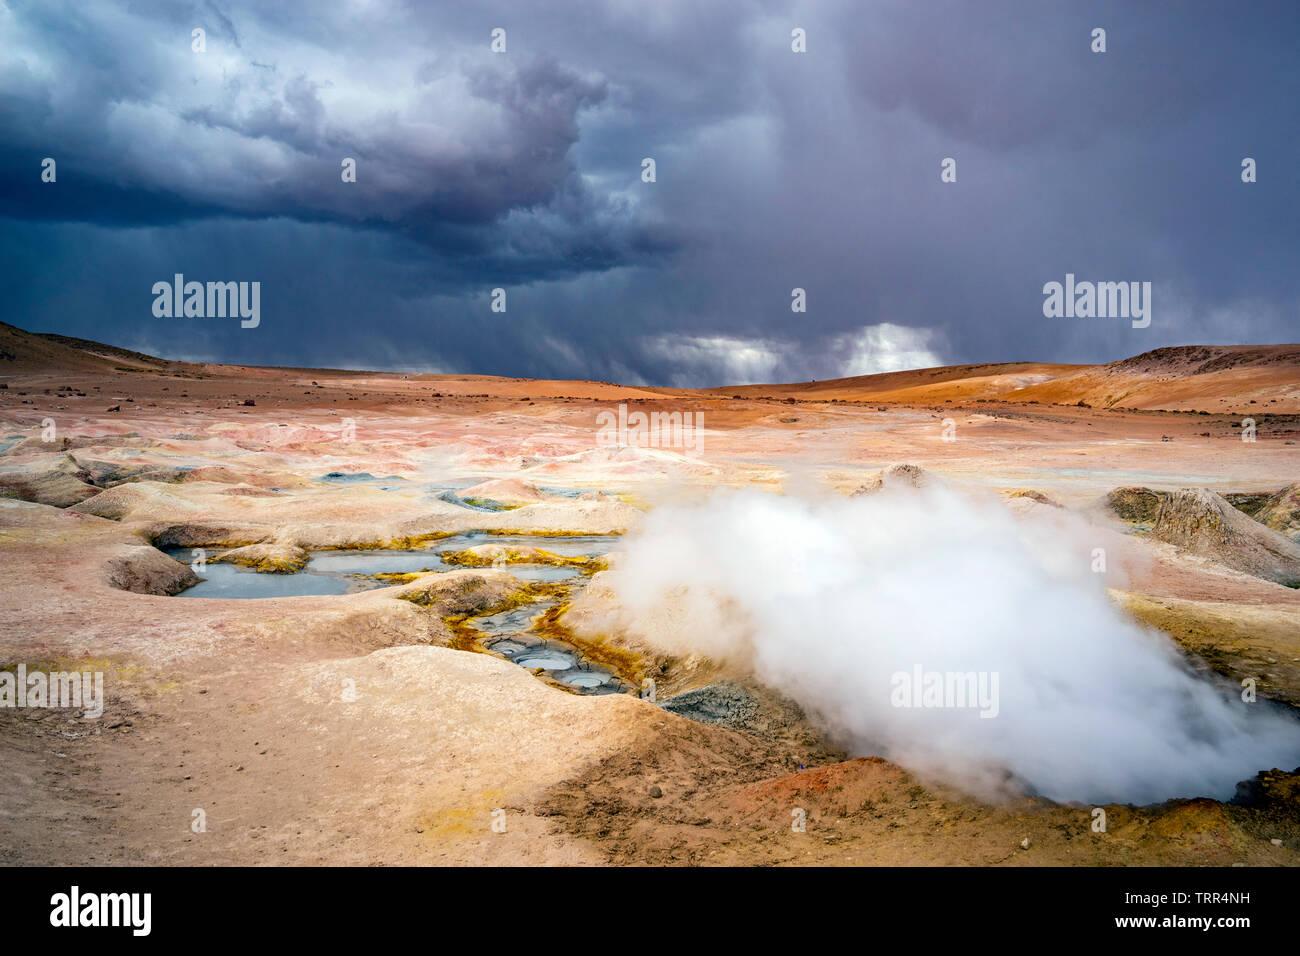 fumaroles of geysir Sol de Manana, potosi, bolivia - Stock Image